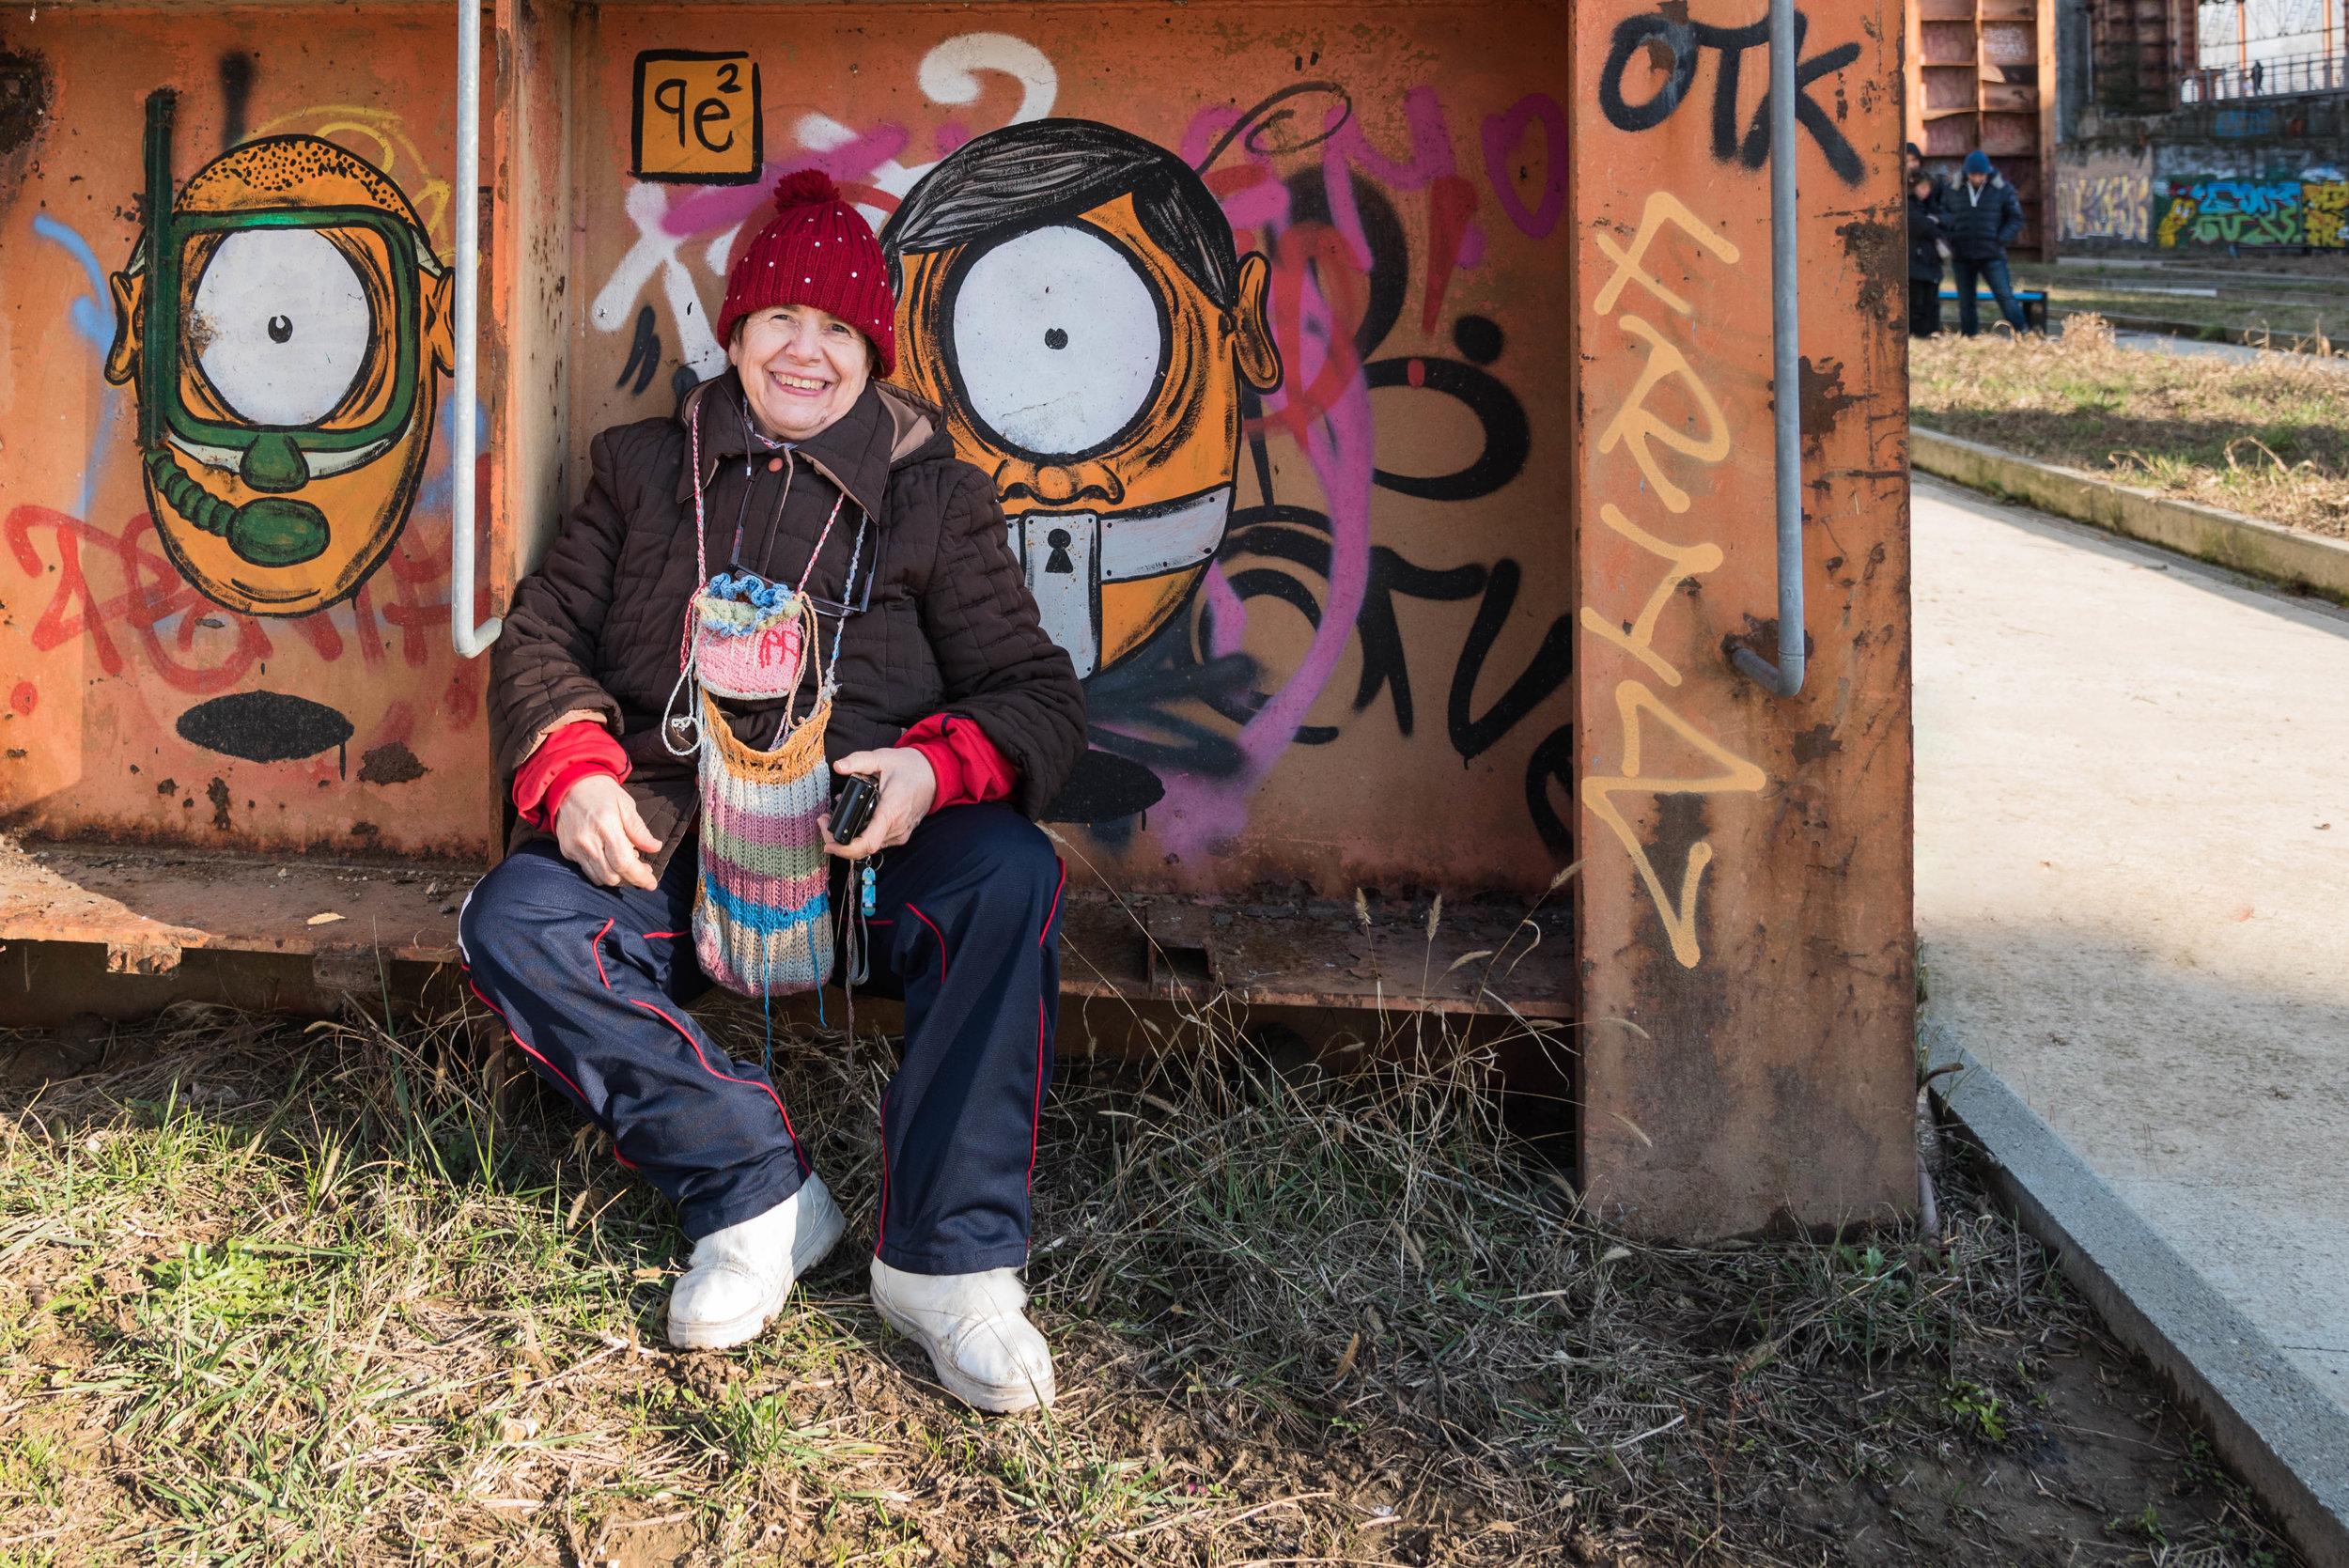 Gabriella Fileppo,  GraffitiTryTram 1 , 2017, fotografia digitale, 70 x 100 cm, stampa digitale su carta usomano 300 gr, courtesy Gabriella Fileppo / Cooperativa animazione Valdocco